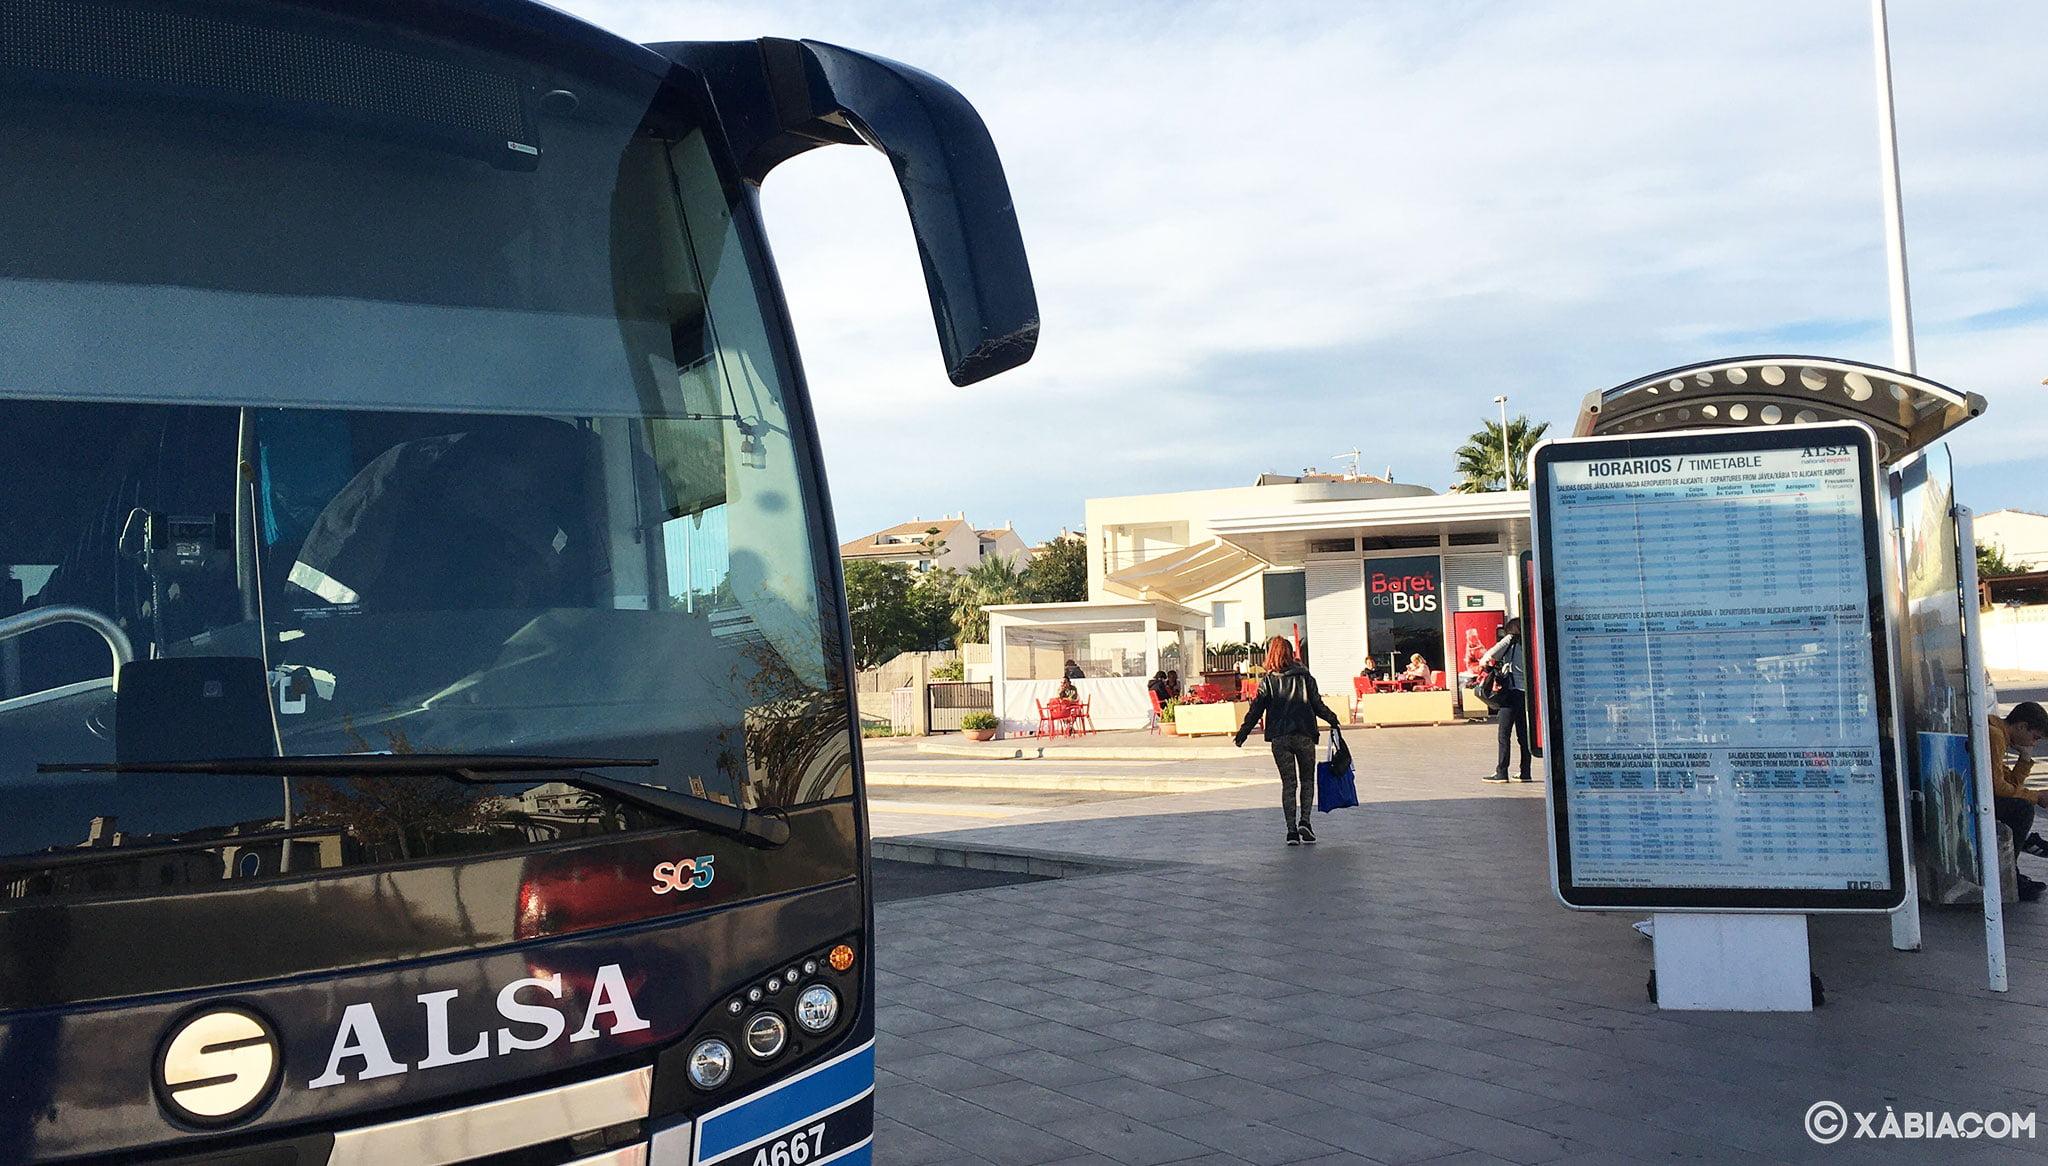 Una de las empresas que operan en la estación de autobuses de Jávea es Alsa